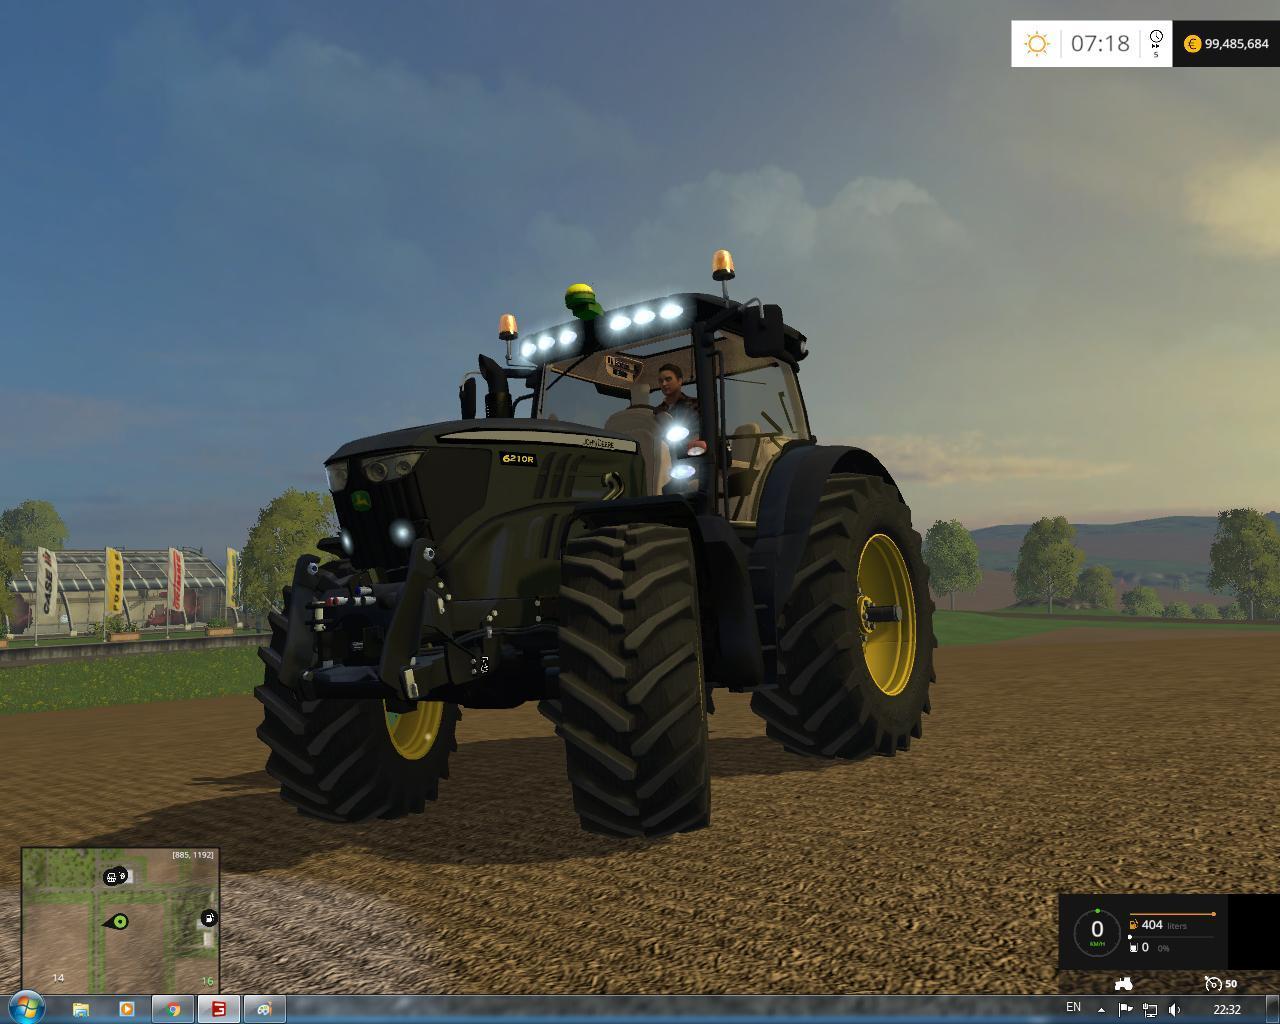 Farming Simulator 19 Wallpapers - Wallpaper Cave